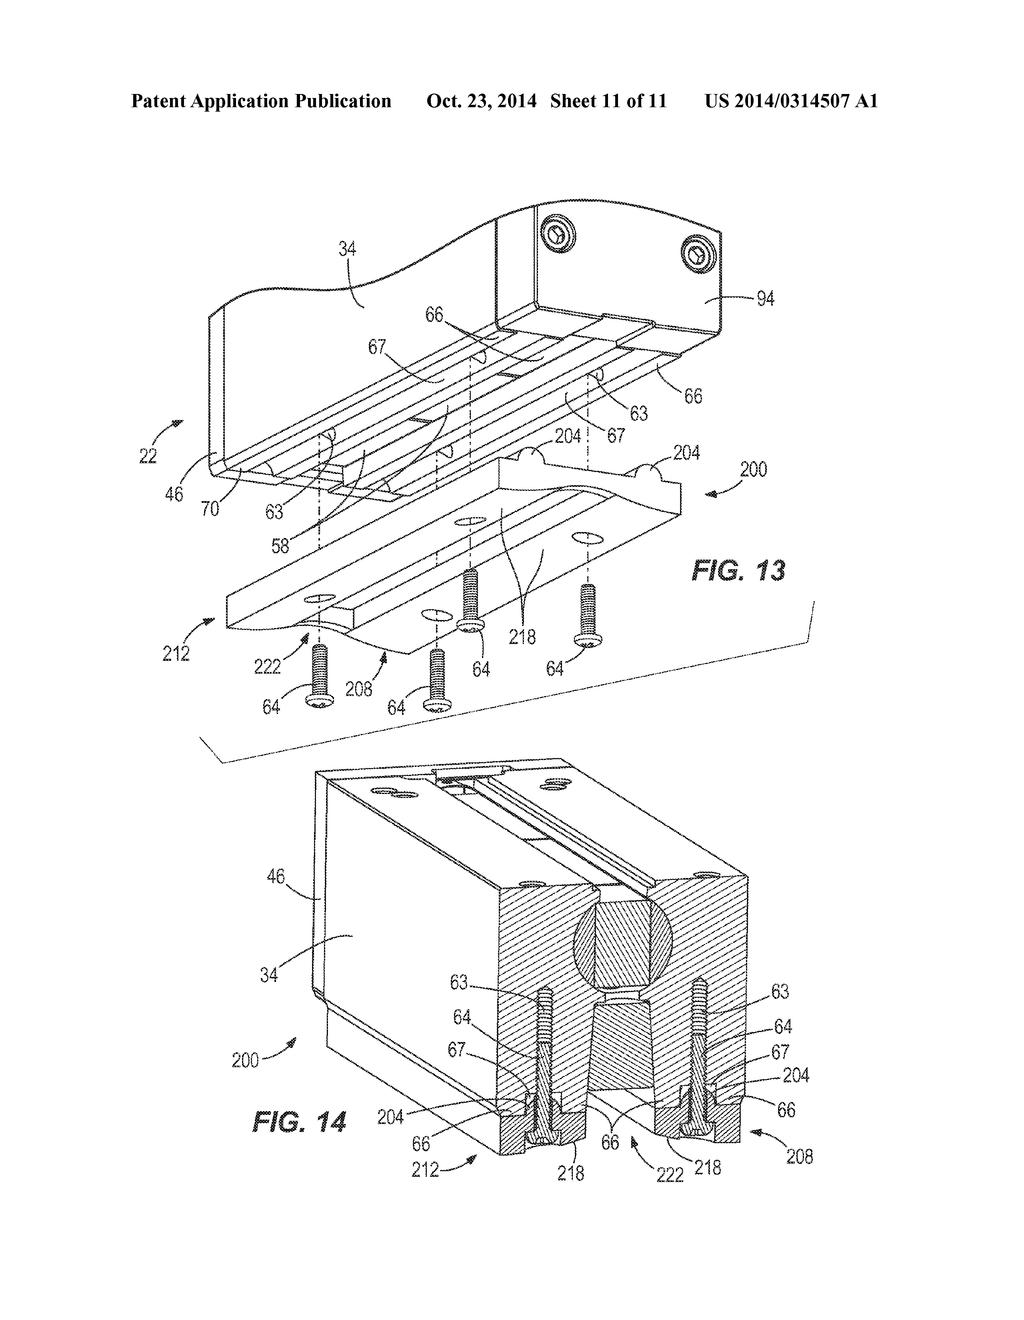 Mag ic drill press diagram schematic and image 12 rh patentsencyclopedia drill press illustration delta drill press